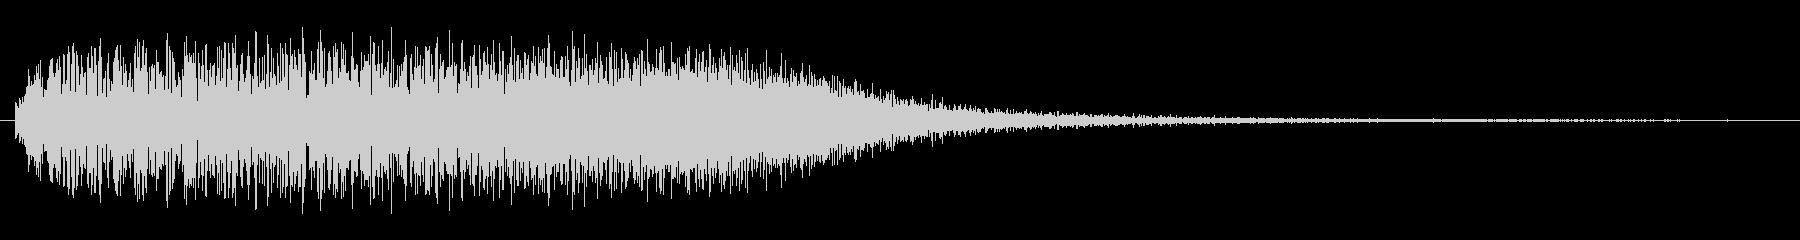 キラキラ系(アップ)の未再生の波形